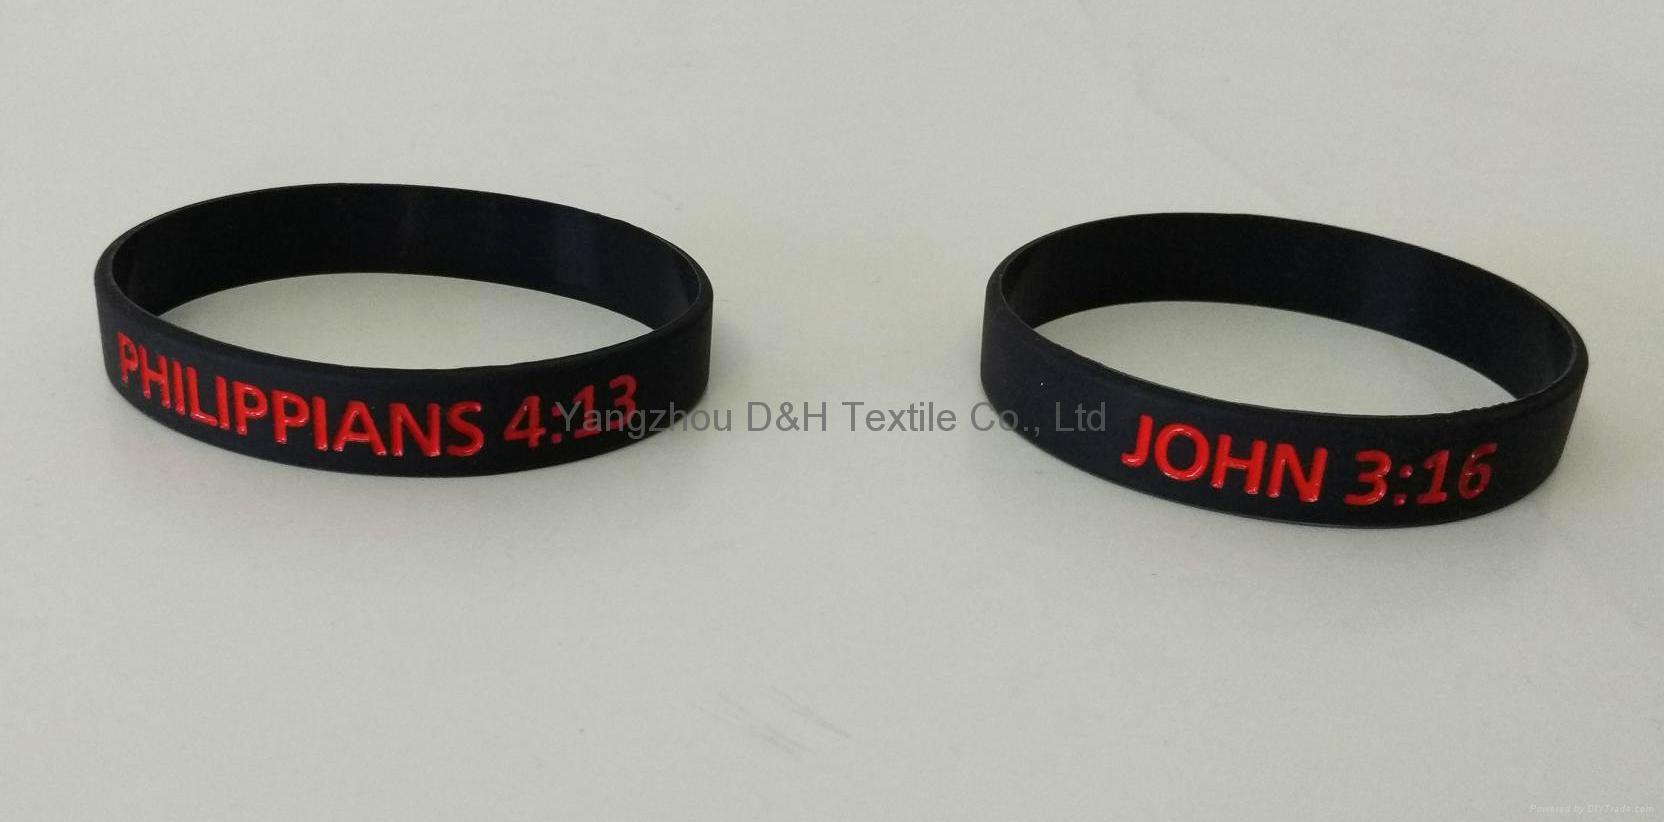 Aluminlum Silicone Banding Customized Silicone Bracelet Wristbands 2